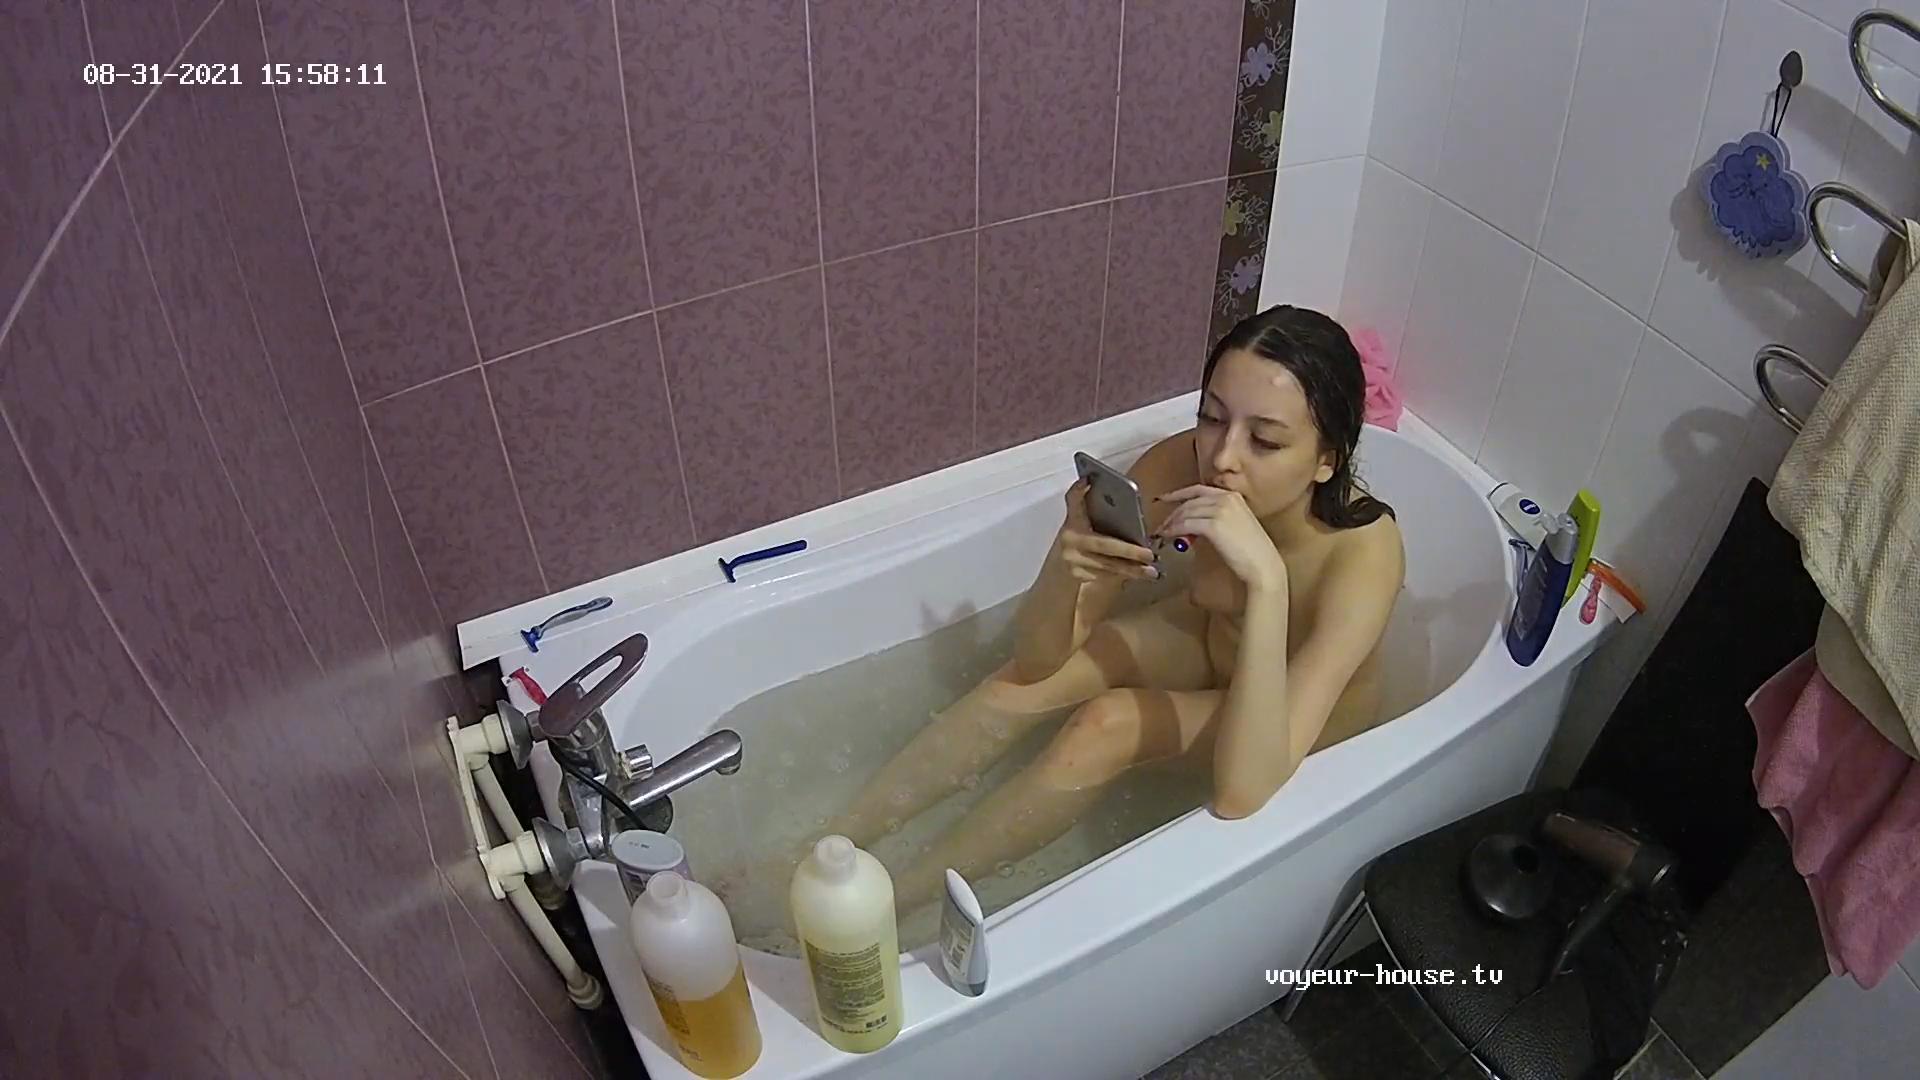 Demi bath Aug 31 2021